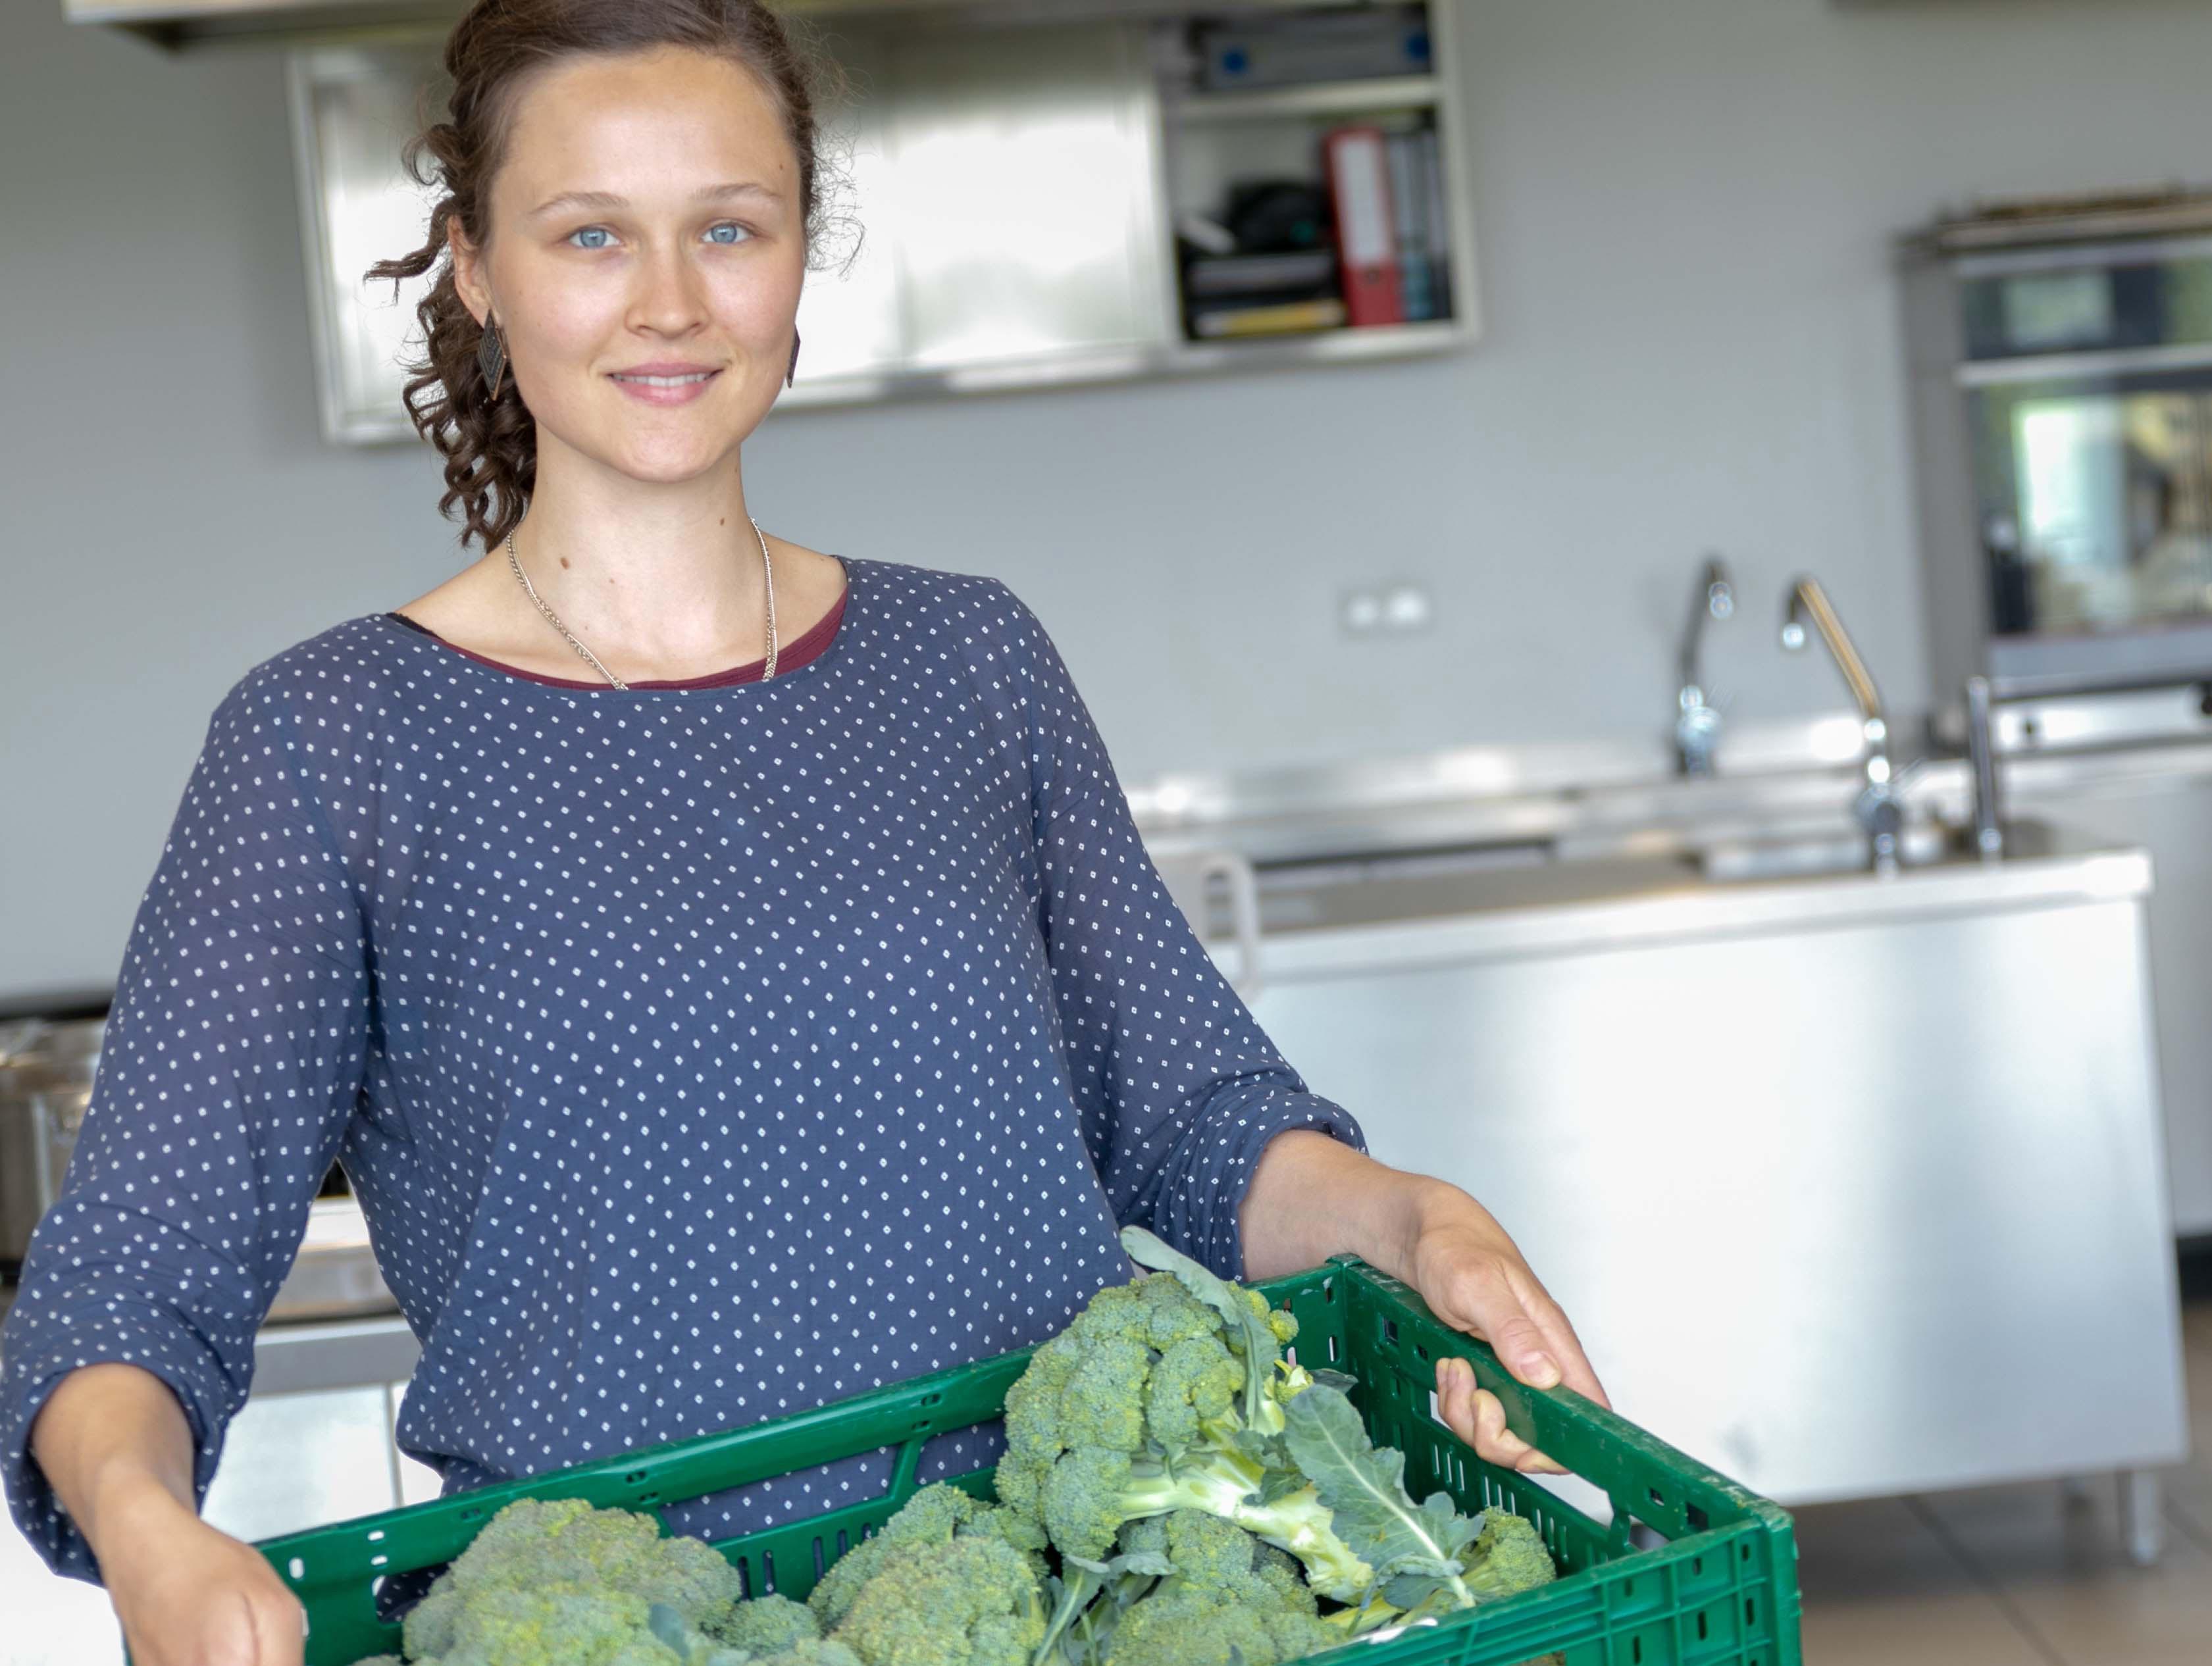 Lea Radtke engagiert sich gegen die Verschwendung von Lebensmitteln. Die Studentin der FH Münster steht kurz vor ihrem Abschluss in Oecotrophologie.